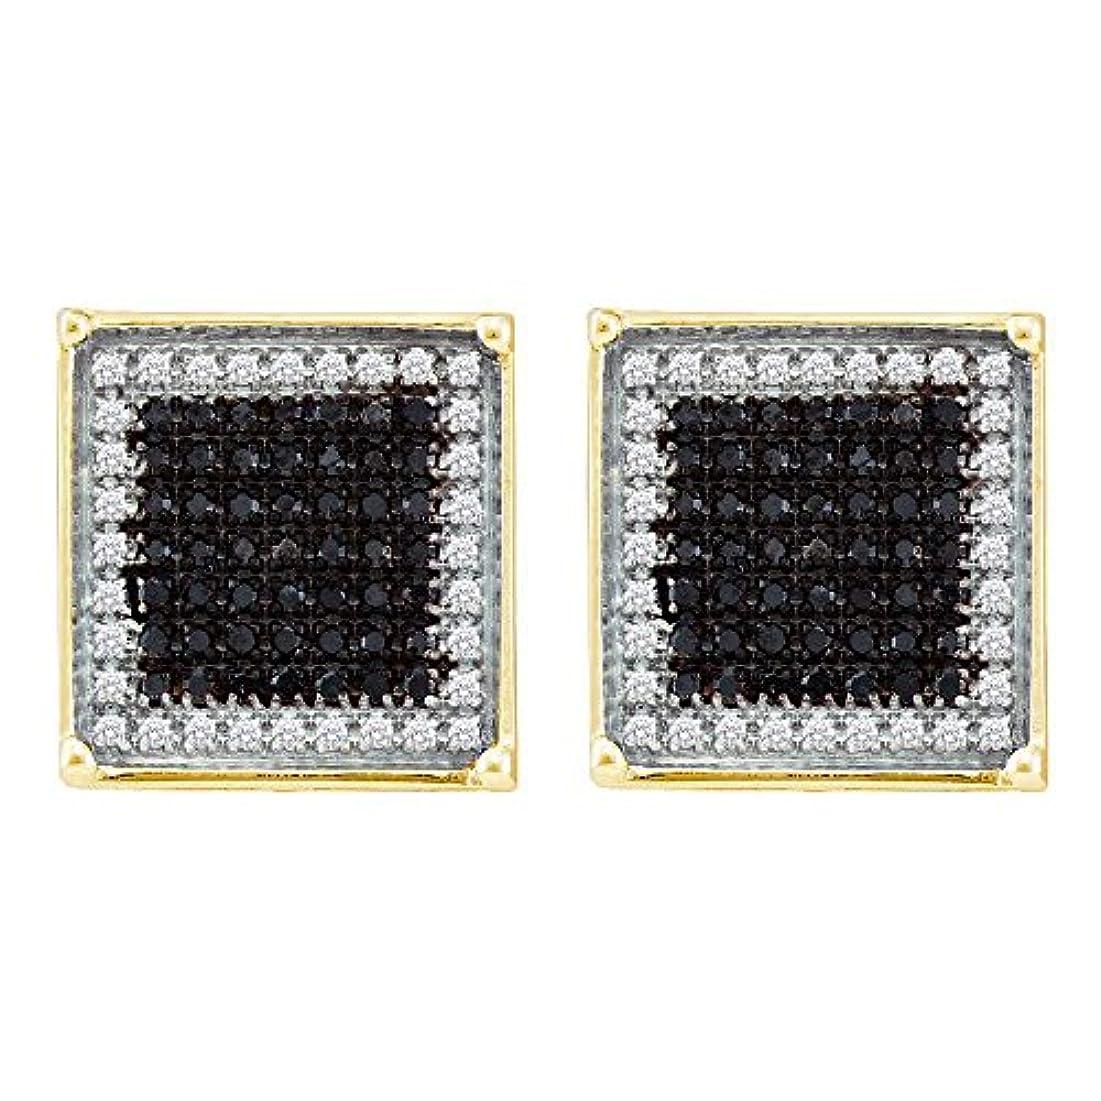 嫌がる酸素メカニックRoy Rose Jewelry 10K イエローゴールド メンズ ラウンド ブラックカラー 強化ダイヤモンド スクエアフレーム クラスターピアス 7/8カラット tw